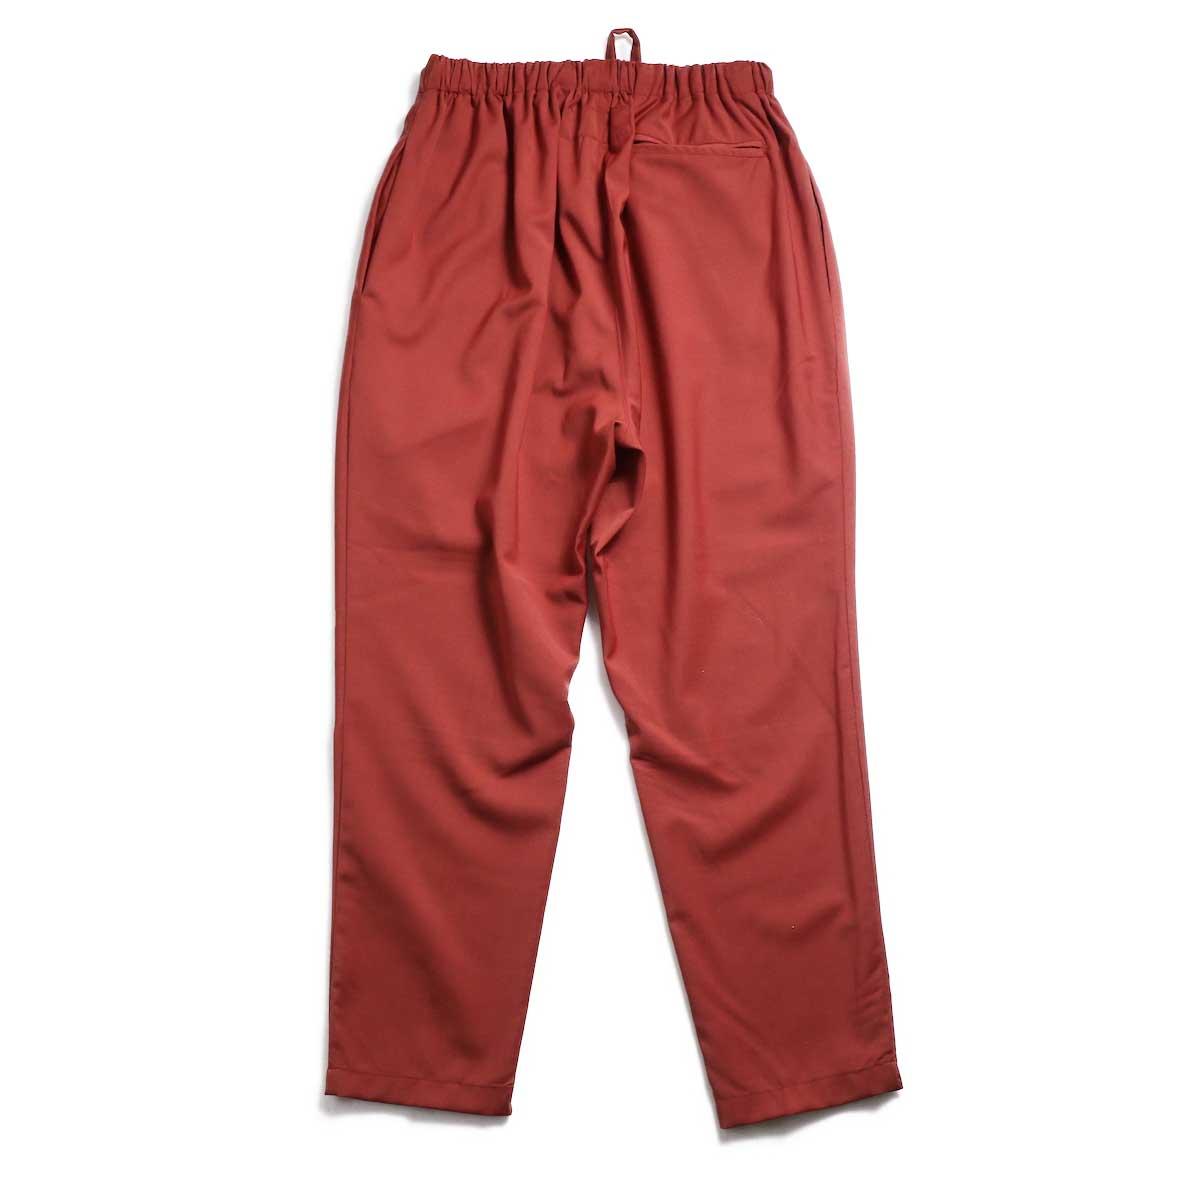 BASISBROEK / BRAVO Cropped Easy Pants (Sienna) 背面